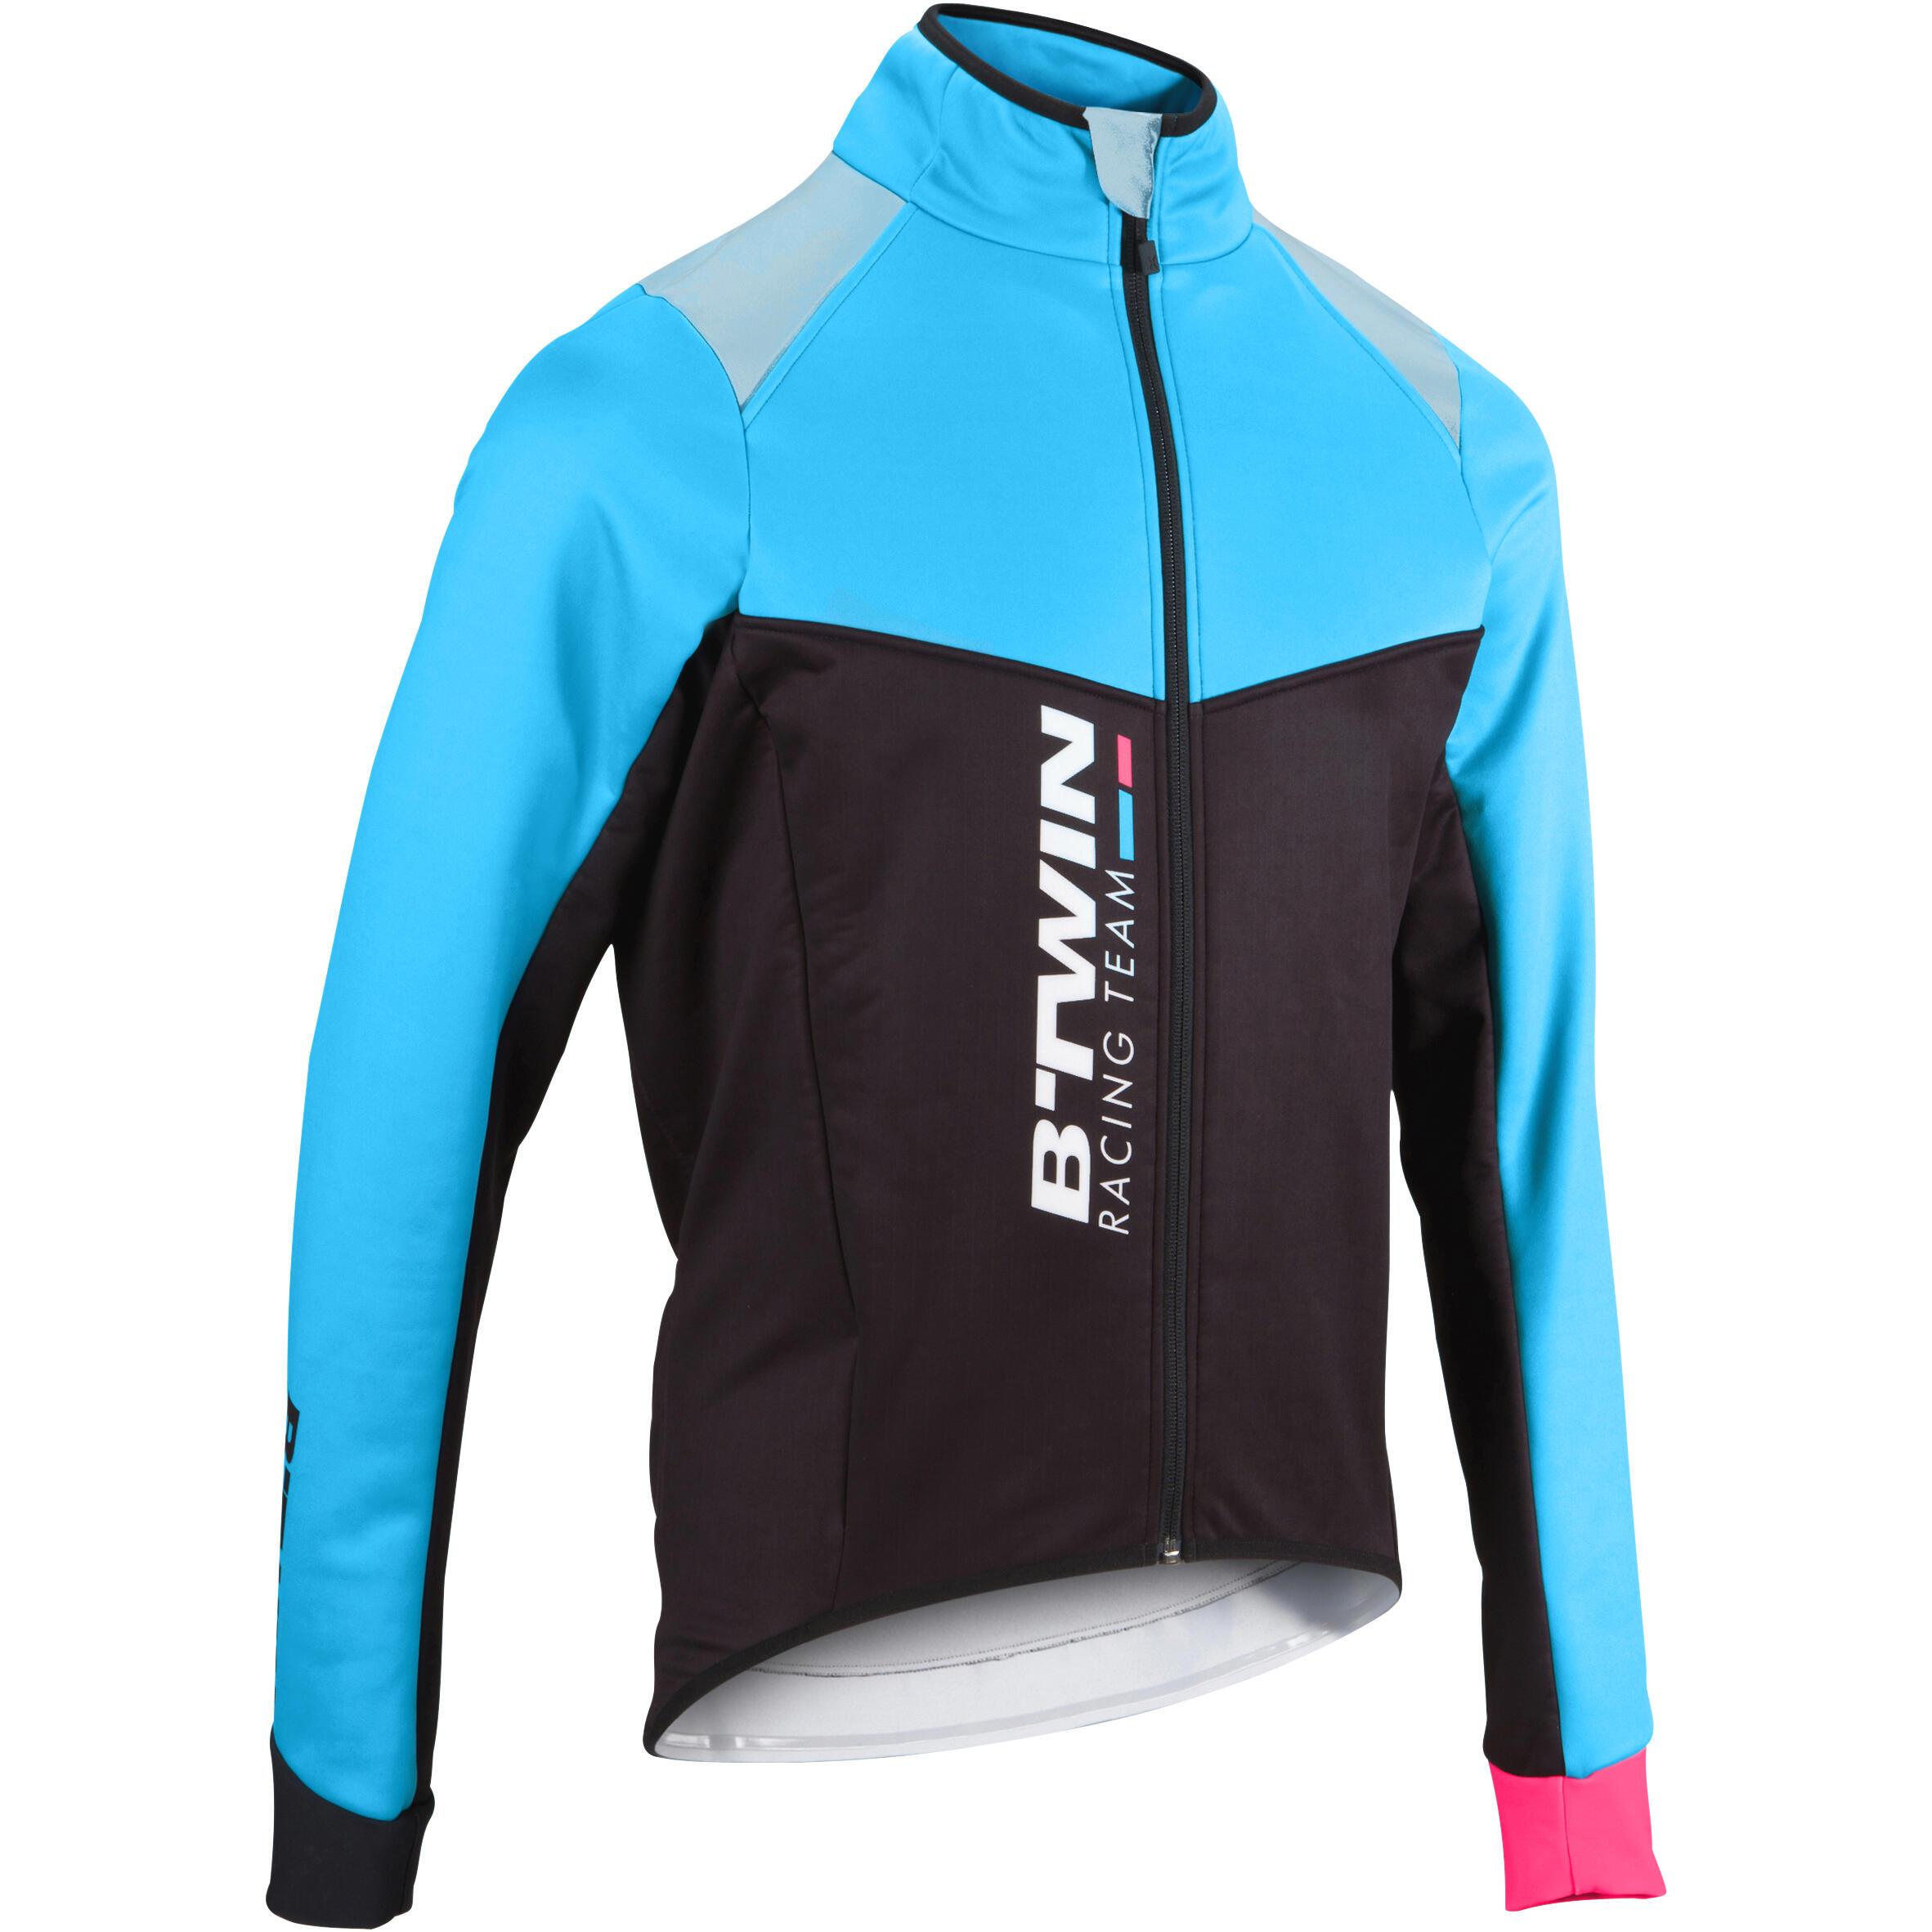 Fahrradjacke Aerofit Team Herren schwarz/blau/rosa | Sportbekleidung > Sportjacken > Fahrradjacken | Schwarz - Blau - Türkis - Rot - Rosa | La - Co | B´twin